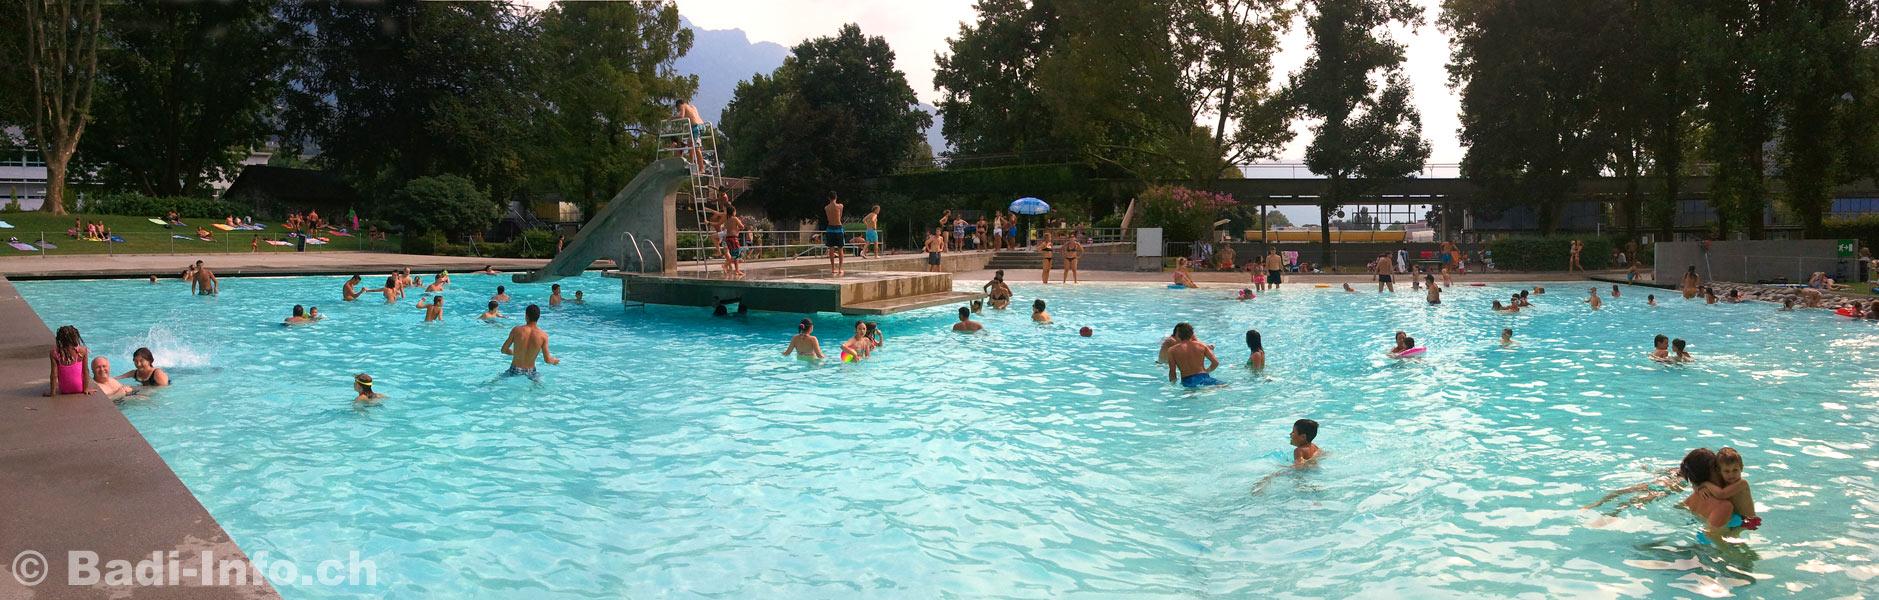 Freibad in bellinzona schweiz - Bagno pubblico bellinzona ...